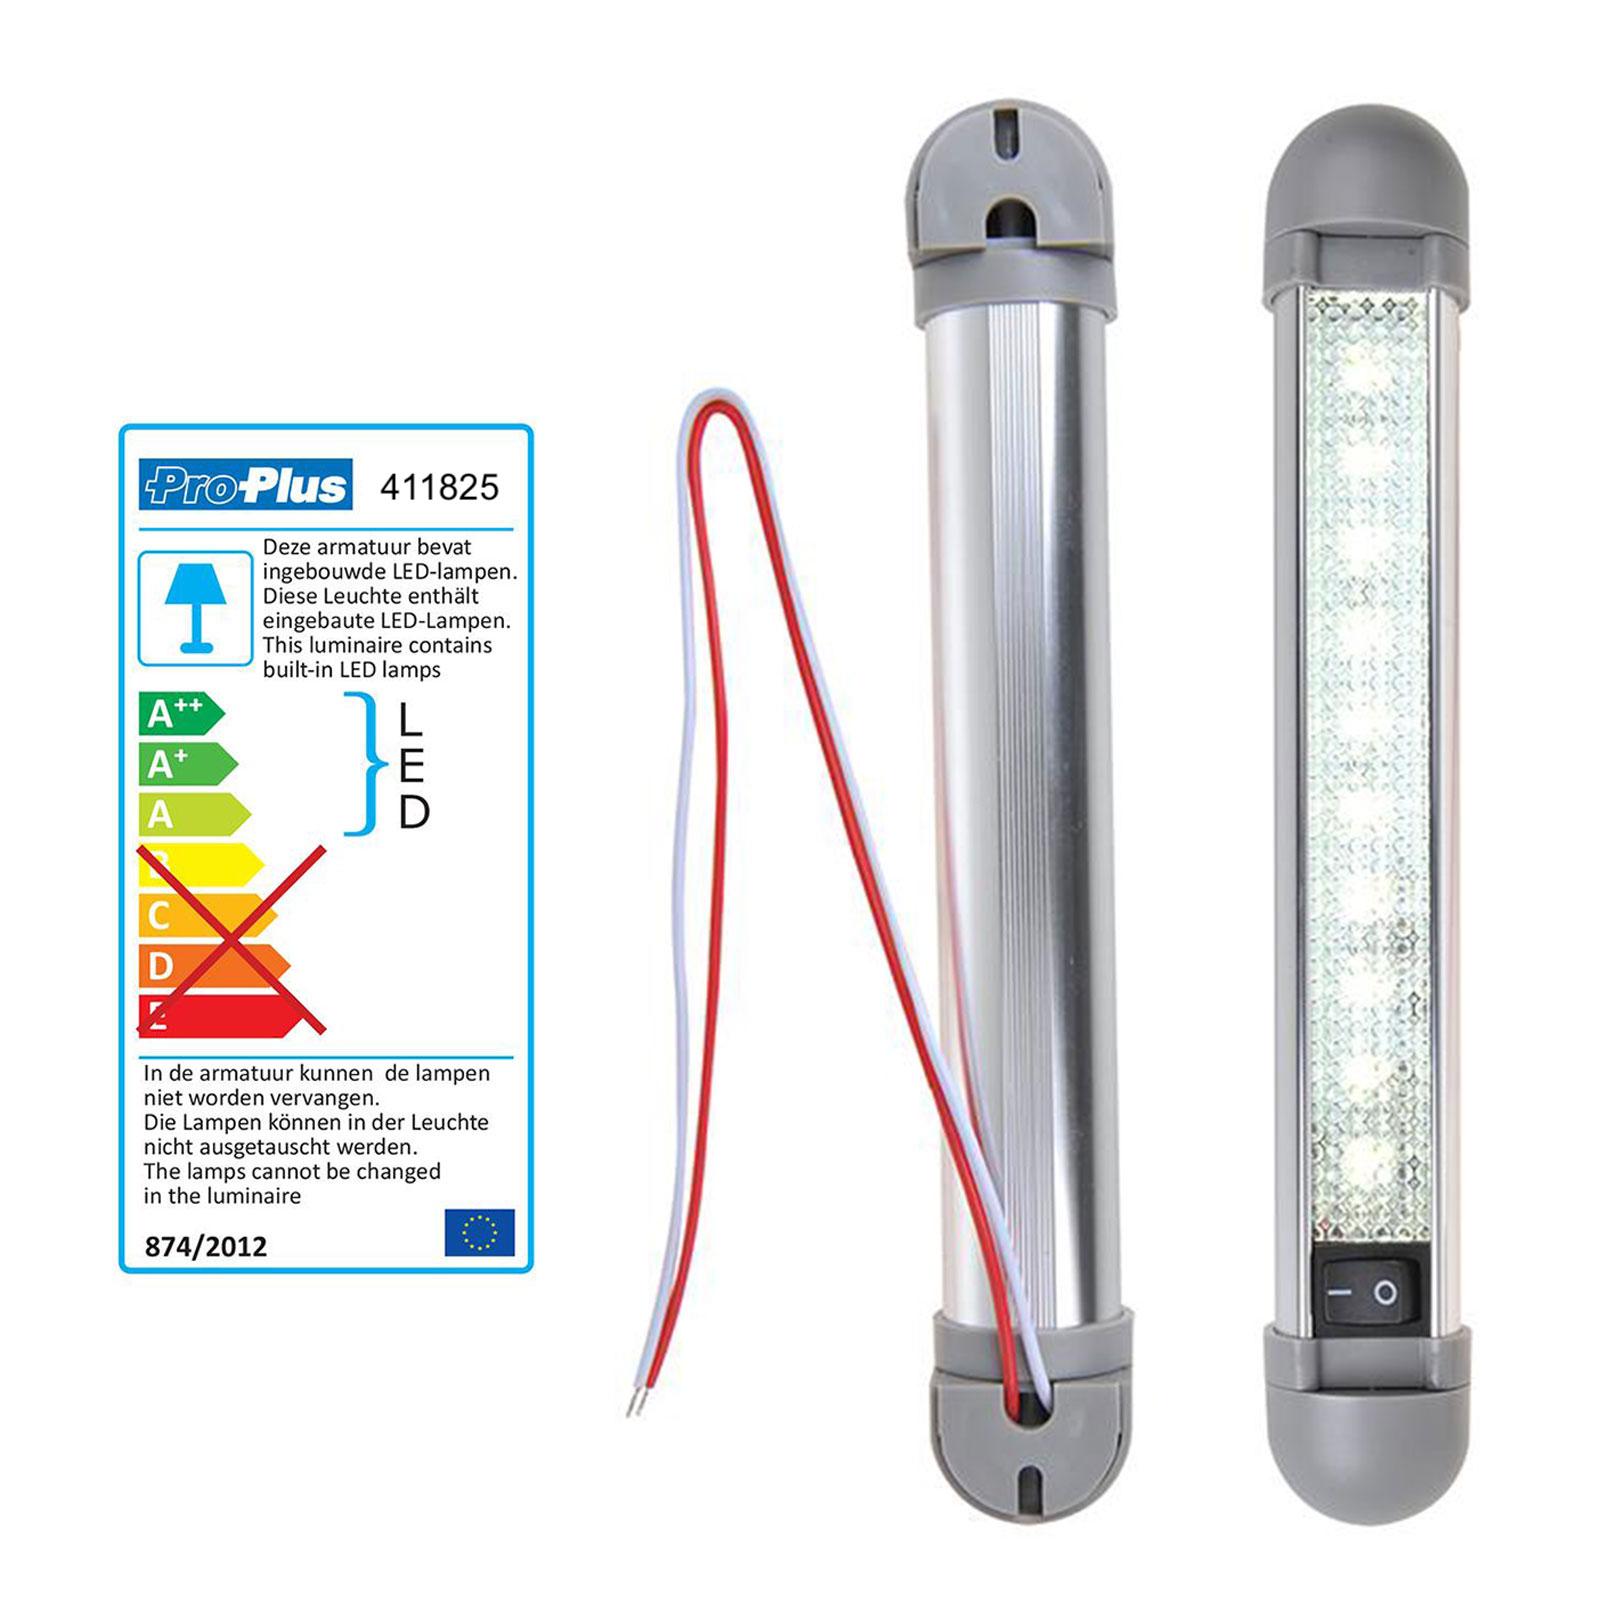 Linienleuchte 10 LED 12v, 150lm, 225x35x33mm